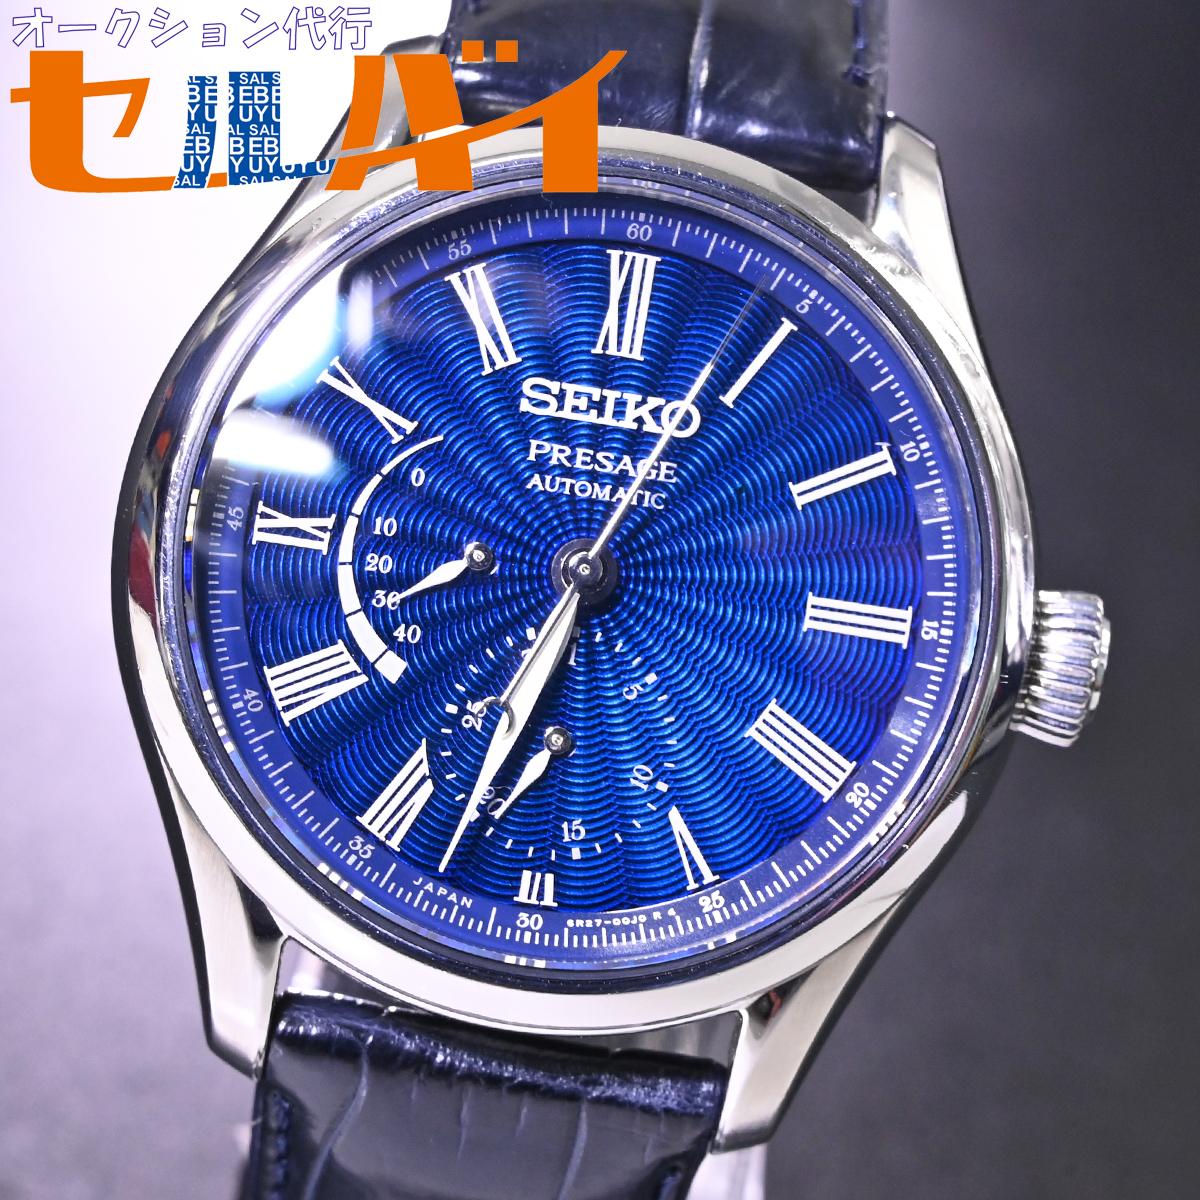 本物 美品 セイコー 限定品 SARW039 エナメル七宝文字盤 メカニカル プレサージュ メンズウォッチ 男性用自動巻腕時計 保証書 取説付 SEIKO